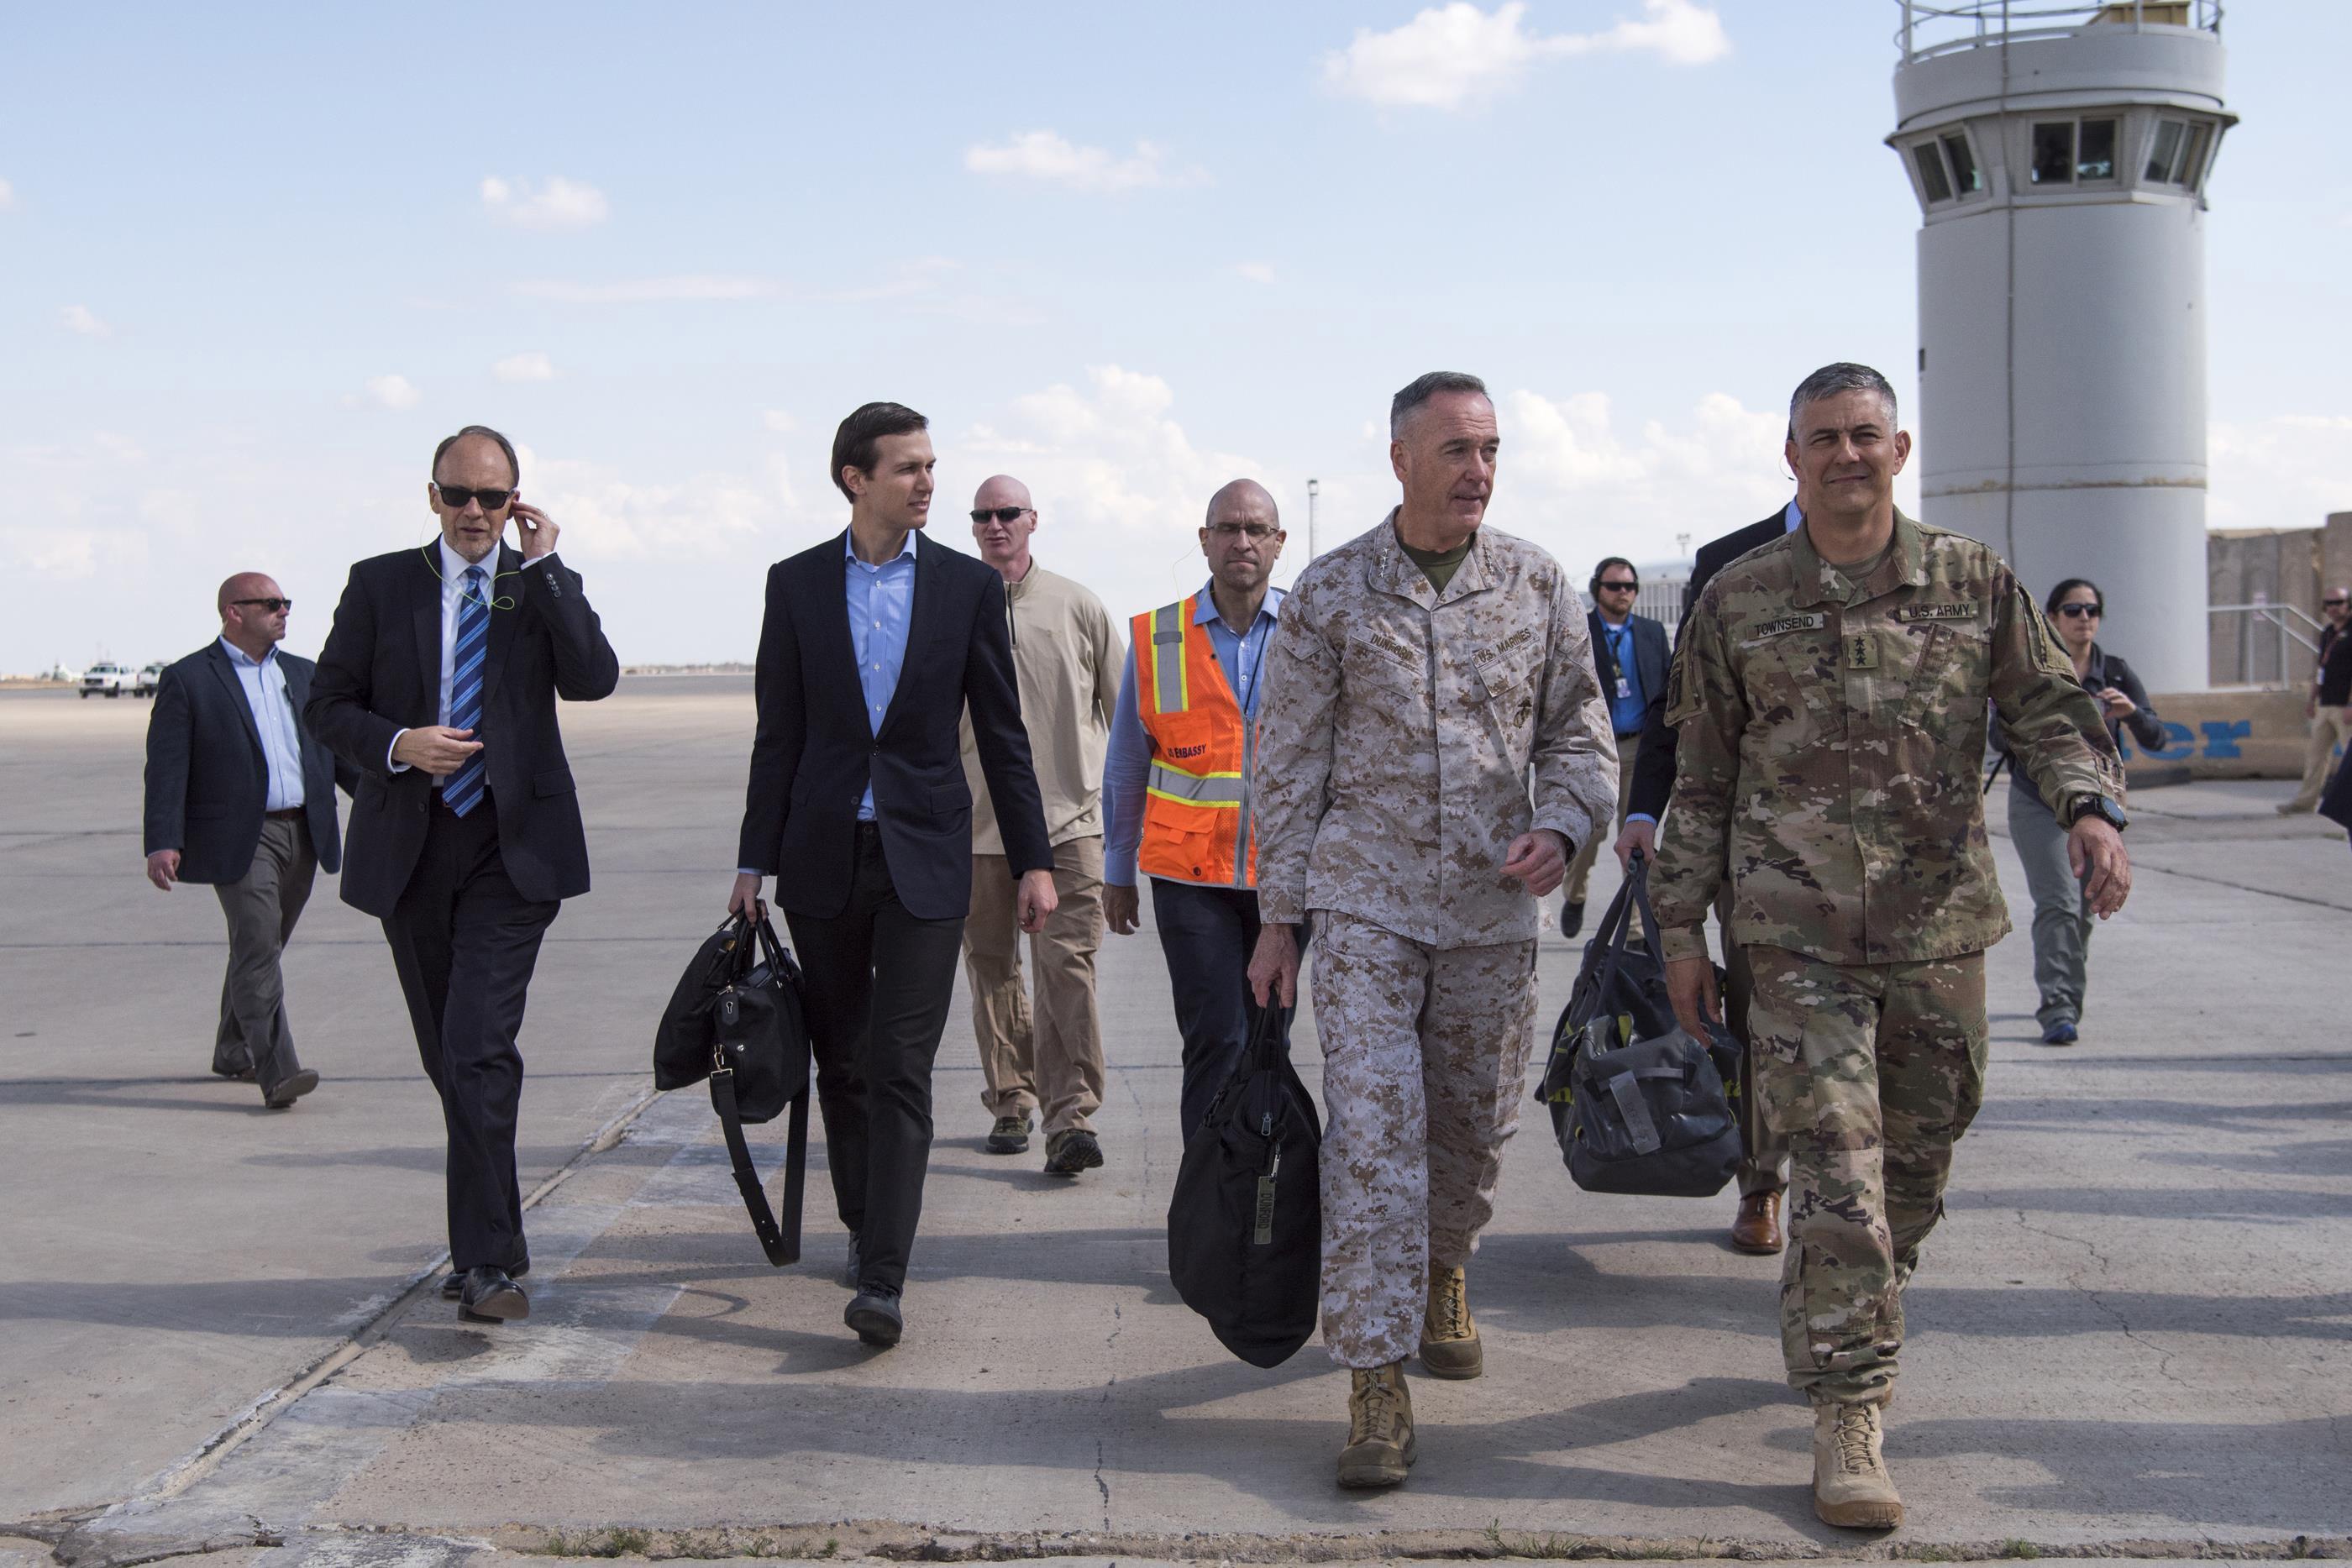 زوج ابنة ترامب يتفقد القواعد الأمريكية في العراق